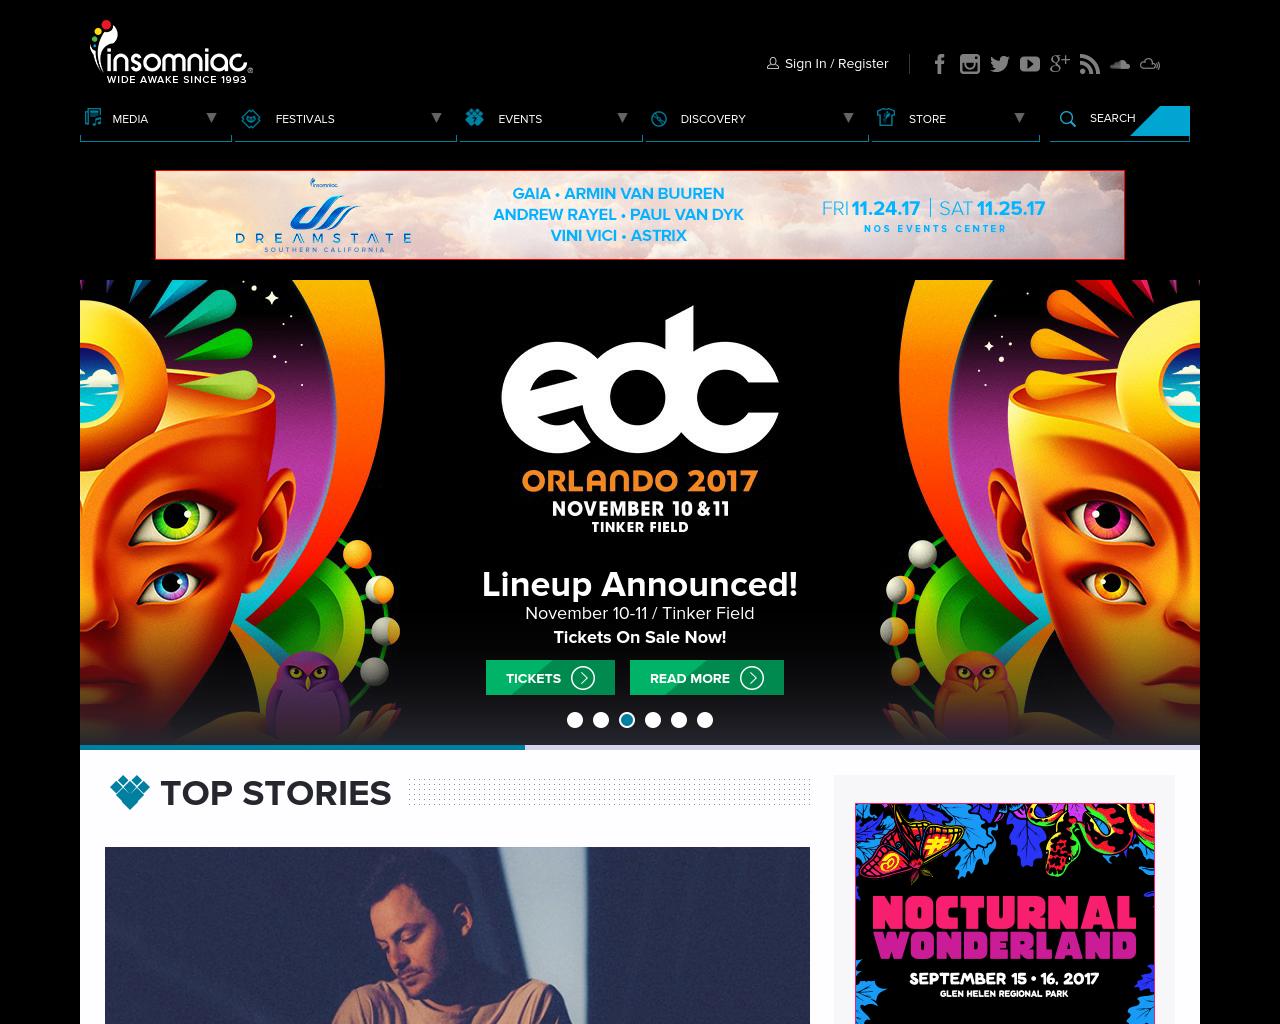 Insomniac.com-Advertising-Reviews-Pricing